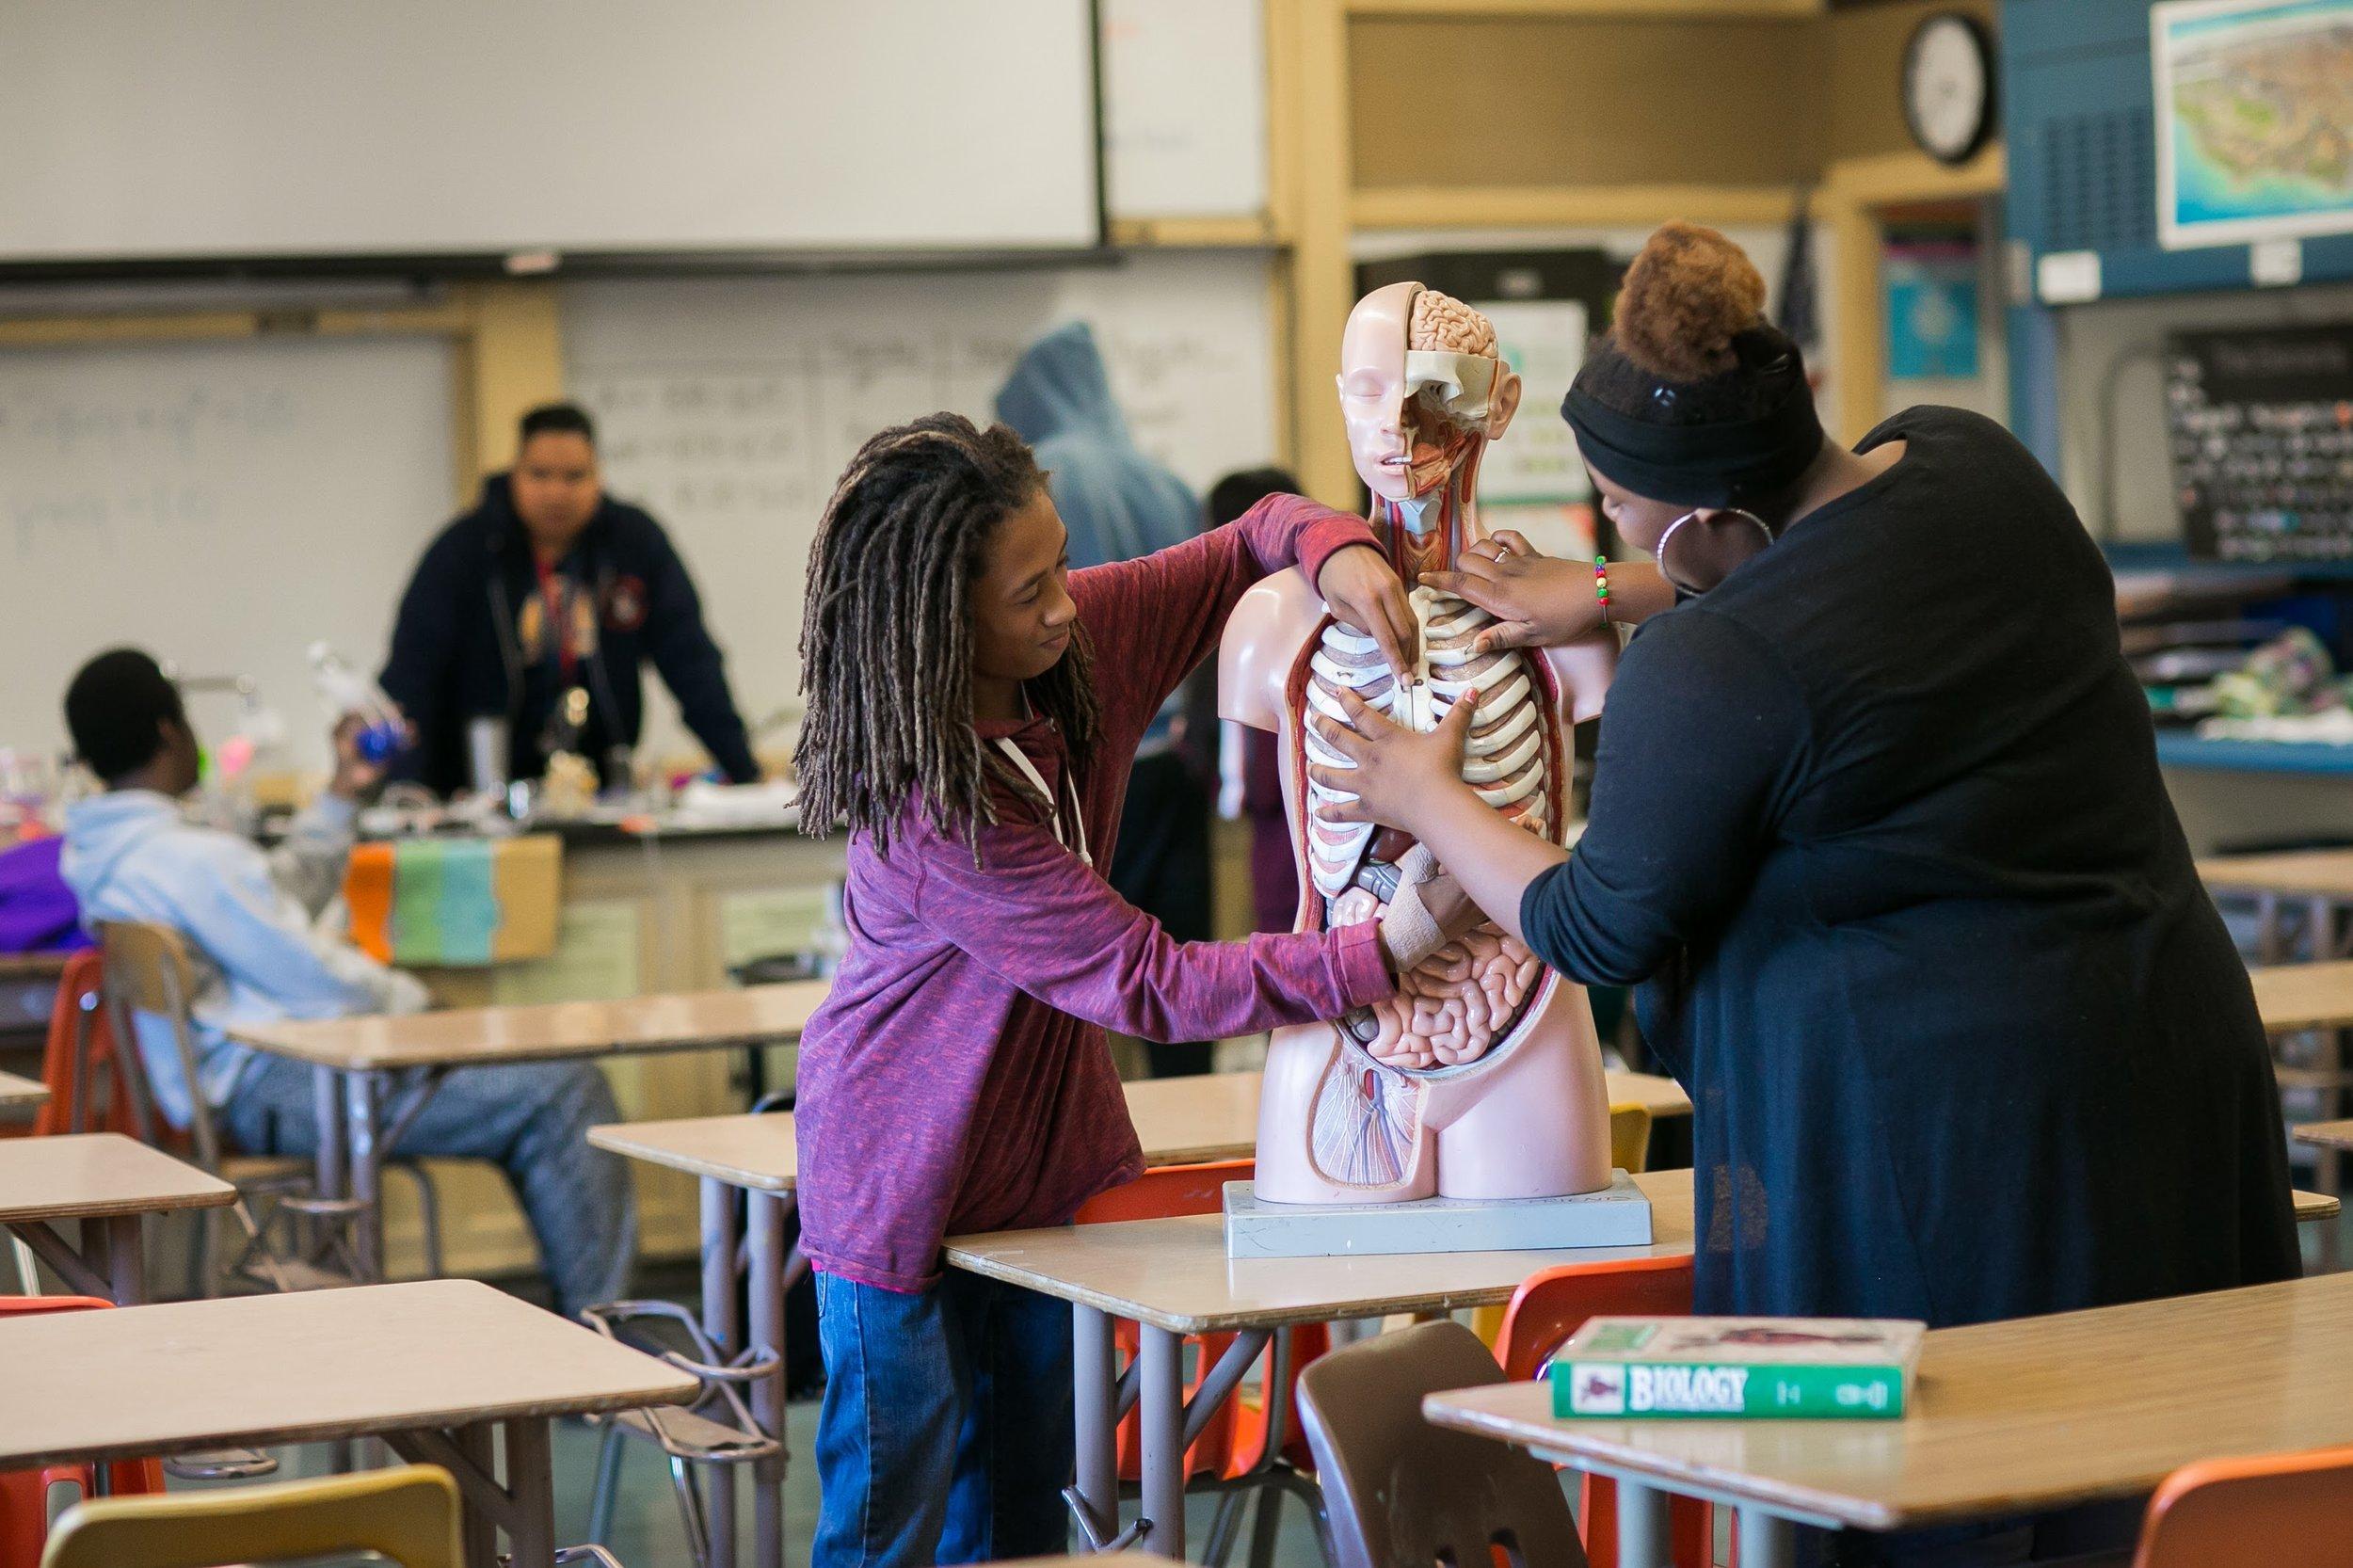 Students looking at human anatomy model